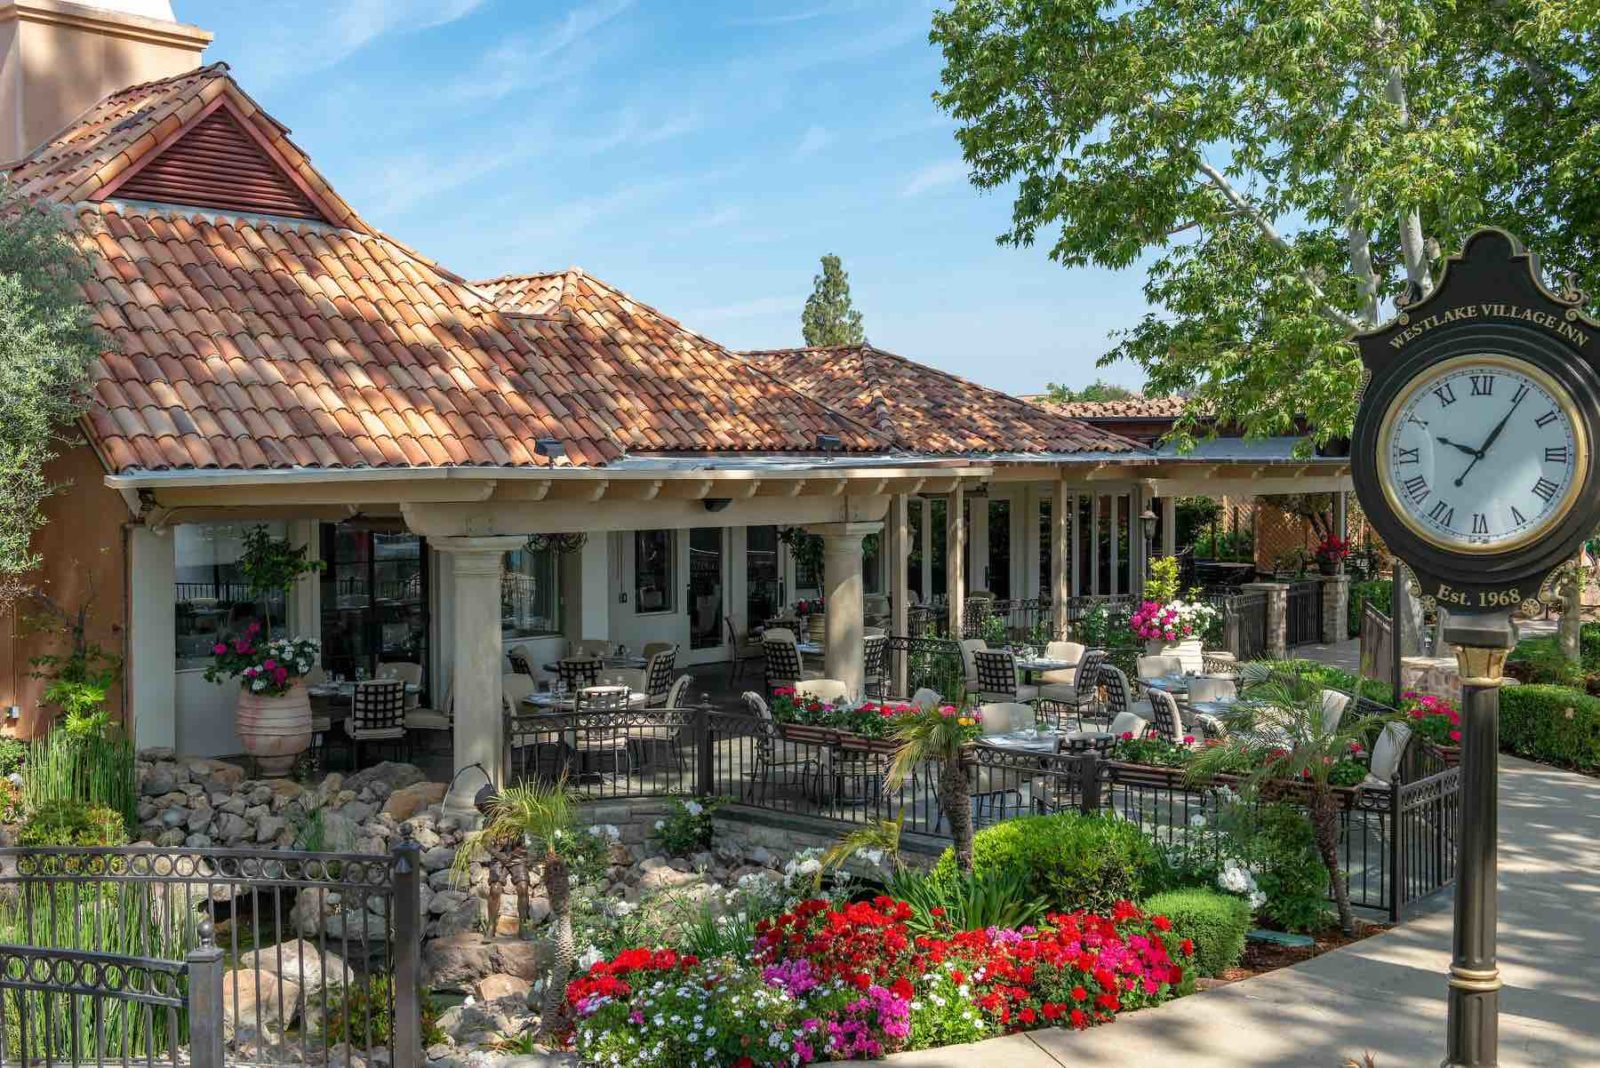 StoneHaus Westlake Village Inn outdoor patio at one ofm the best Westlake Village restaurants